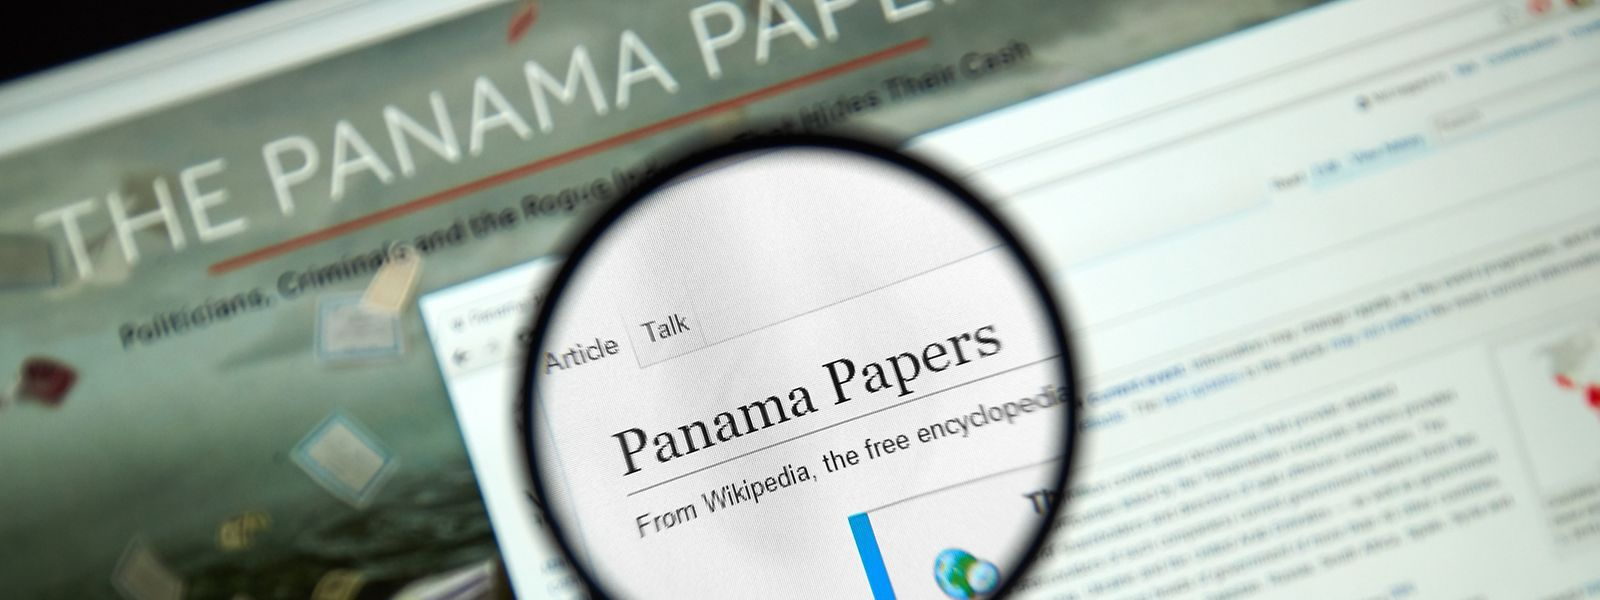 """Mit 11,5 Millionen Dokumenten sind die """"Panama Paper"""" der """"größte Leak aller Zeiten"""", wie die beteiligten Journalisten betonen."""